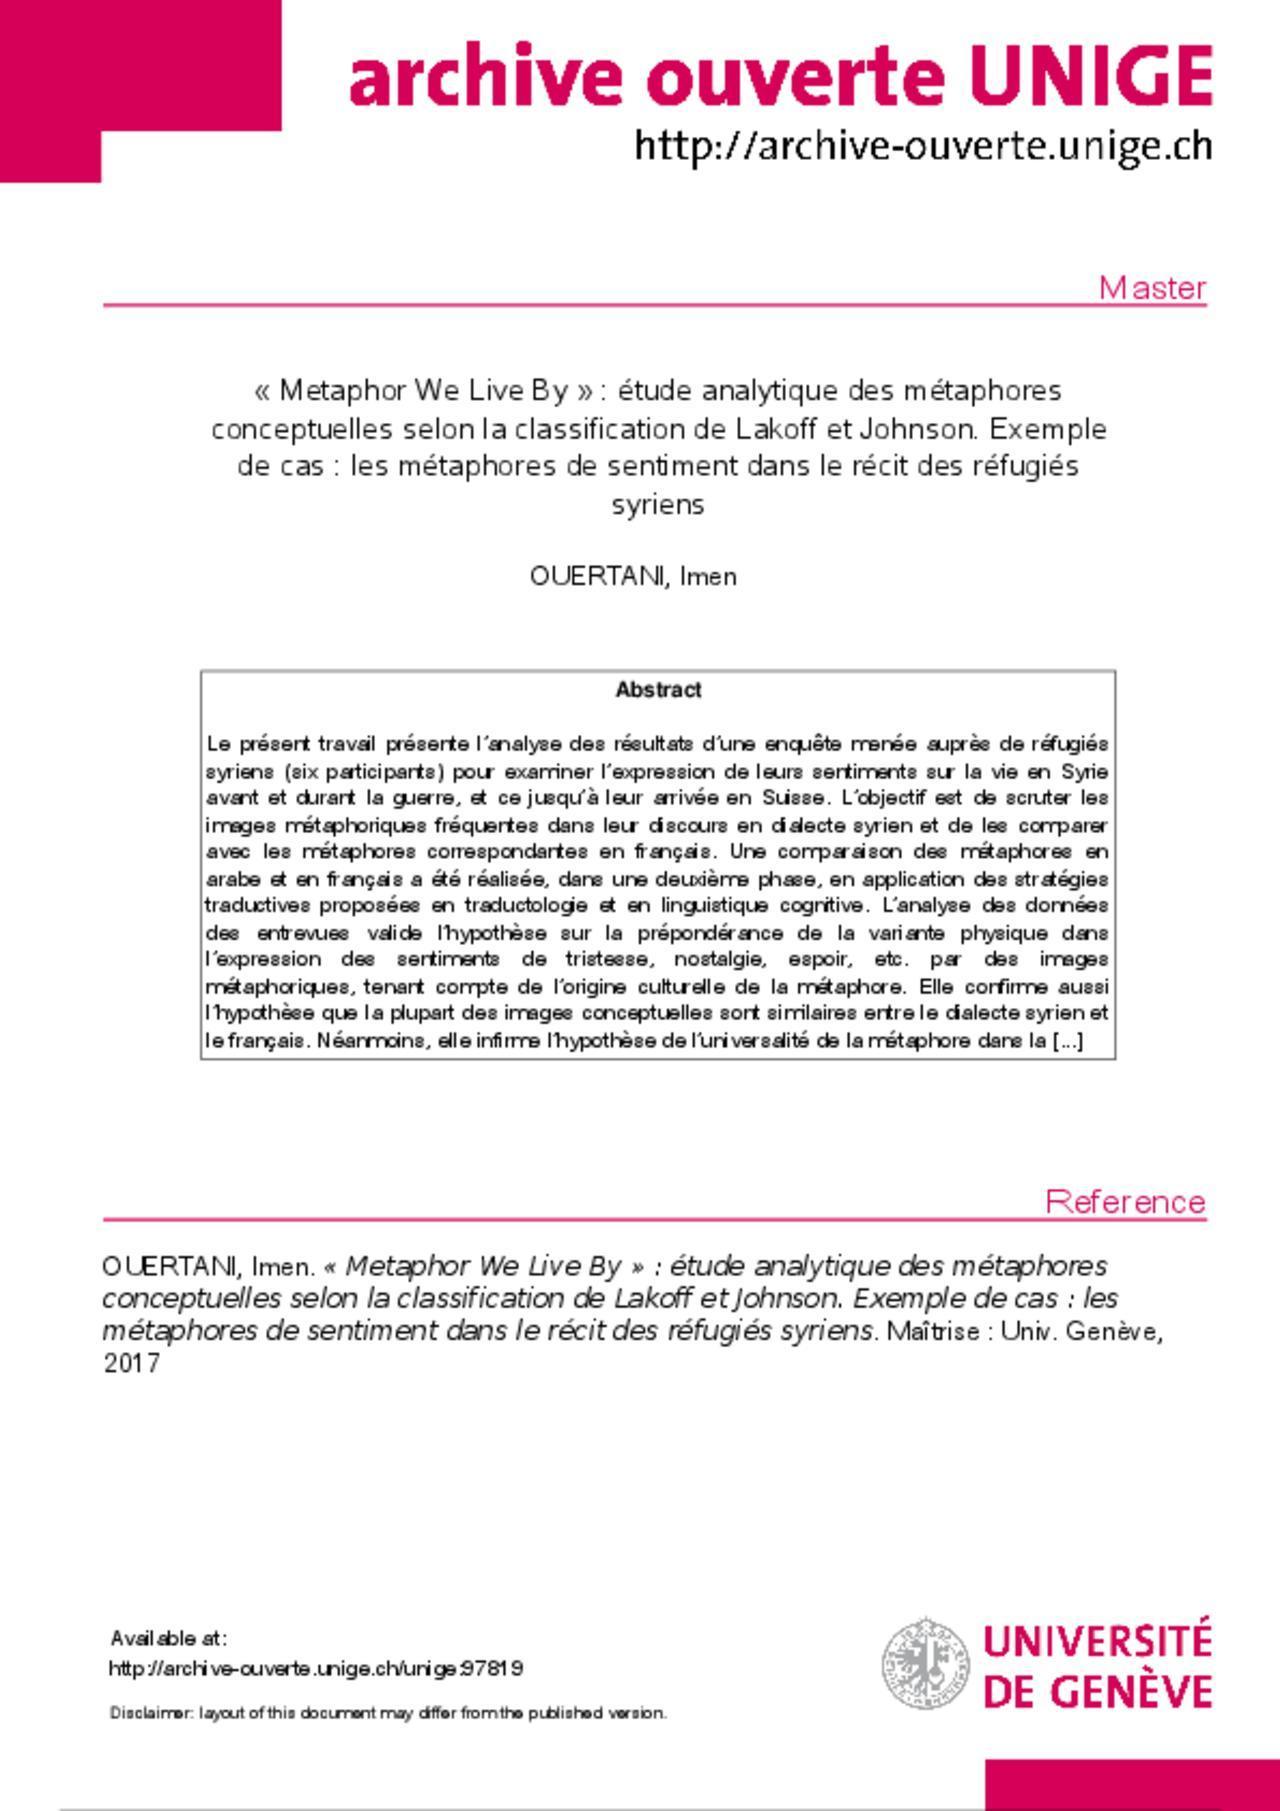 دراسة تحليلة لنماذج من الاستعارة التصورية في التعبير عن شعور اللاجئين السوريين